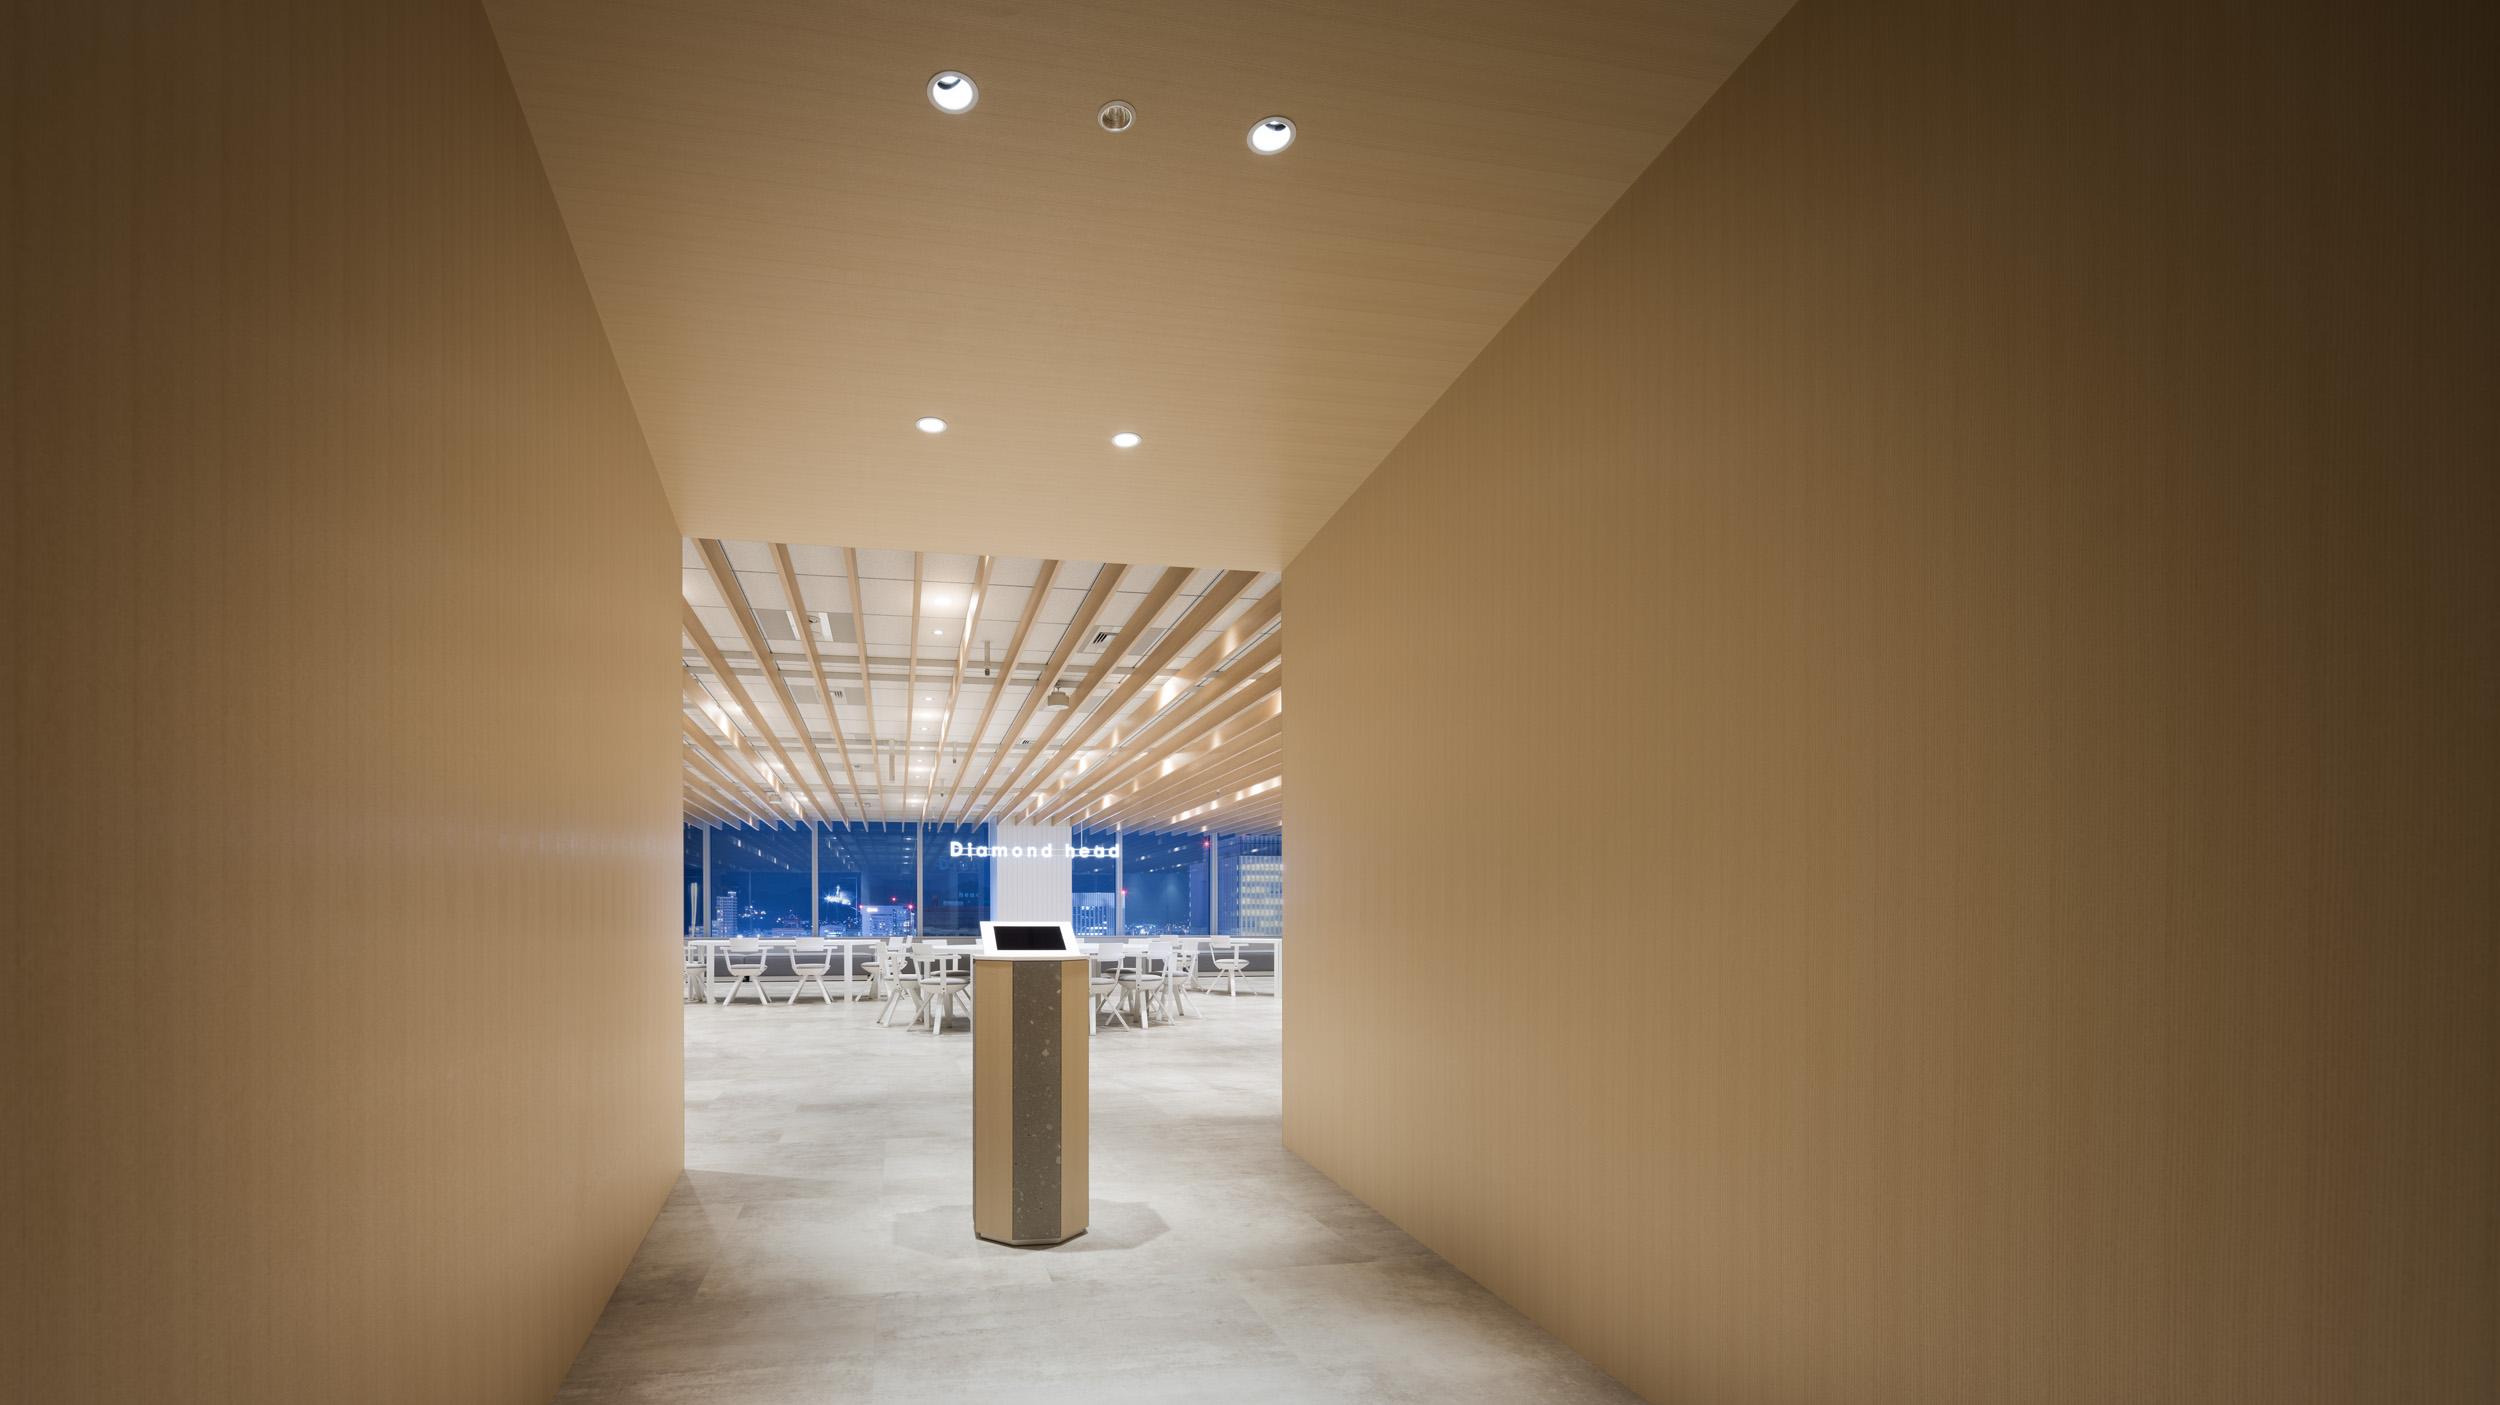 ダイアモンドヘッド株式会社  Sapporo Office Entrance デザイン・レイアウト事例